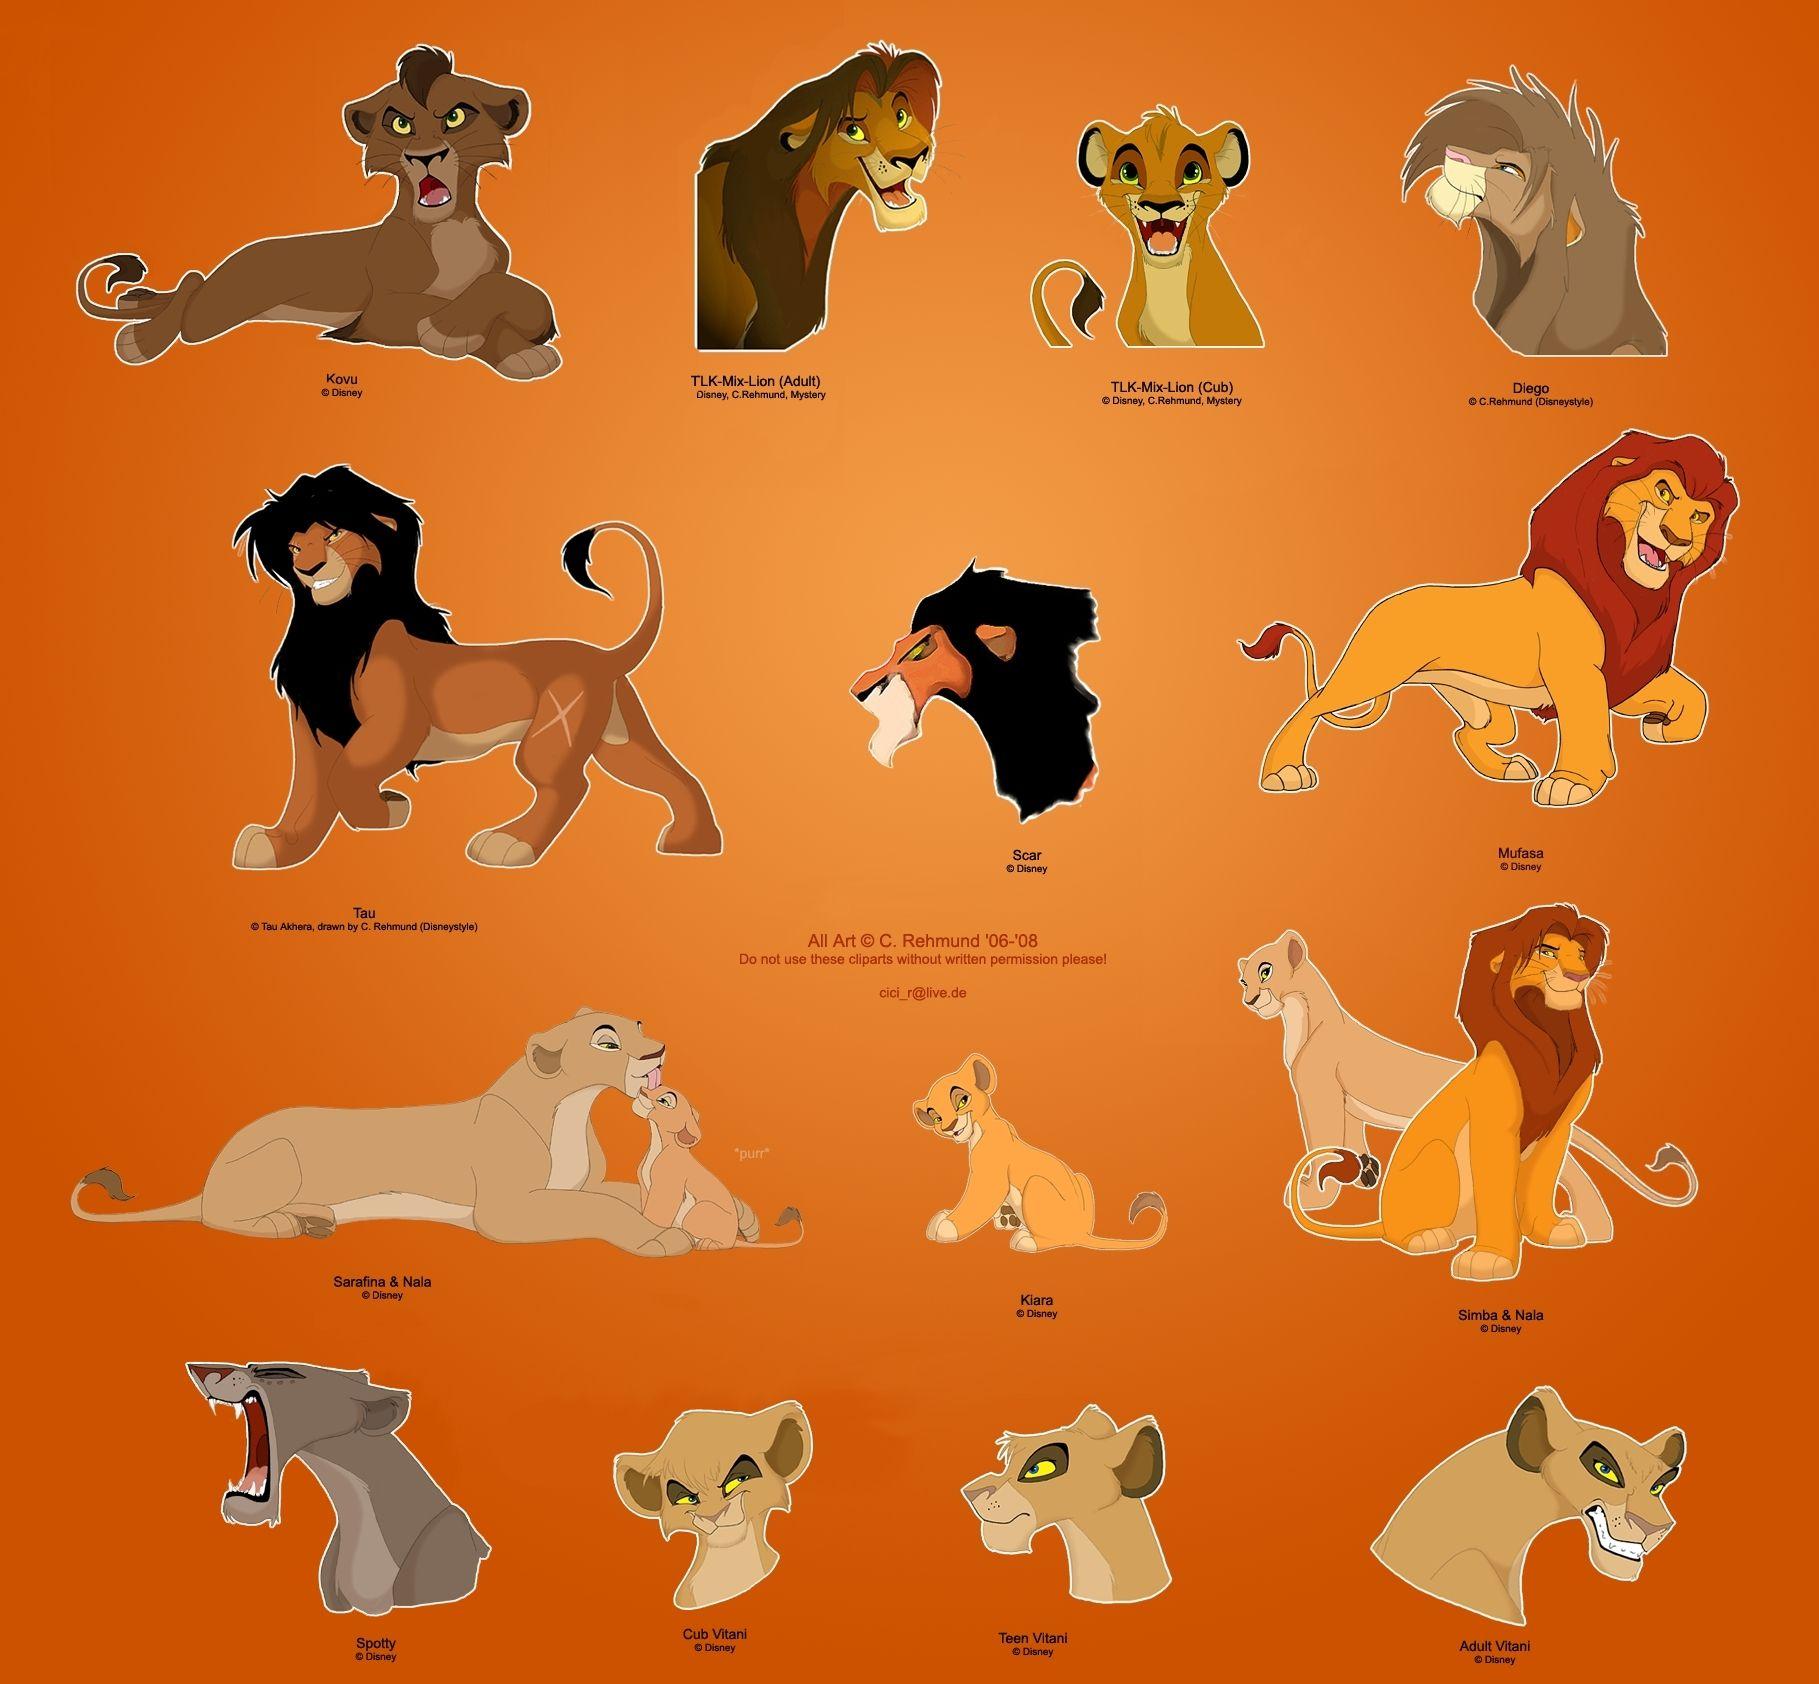 король лев имена персонажей картинки сказала